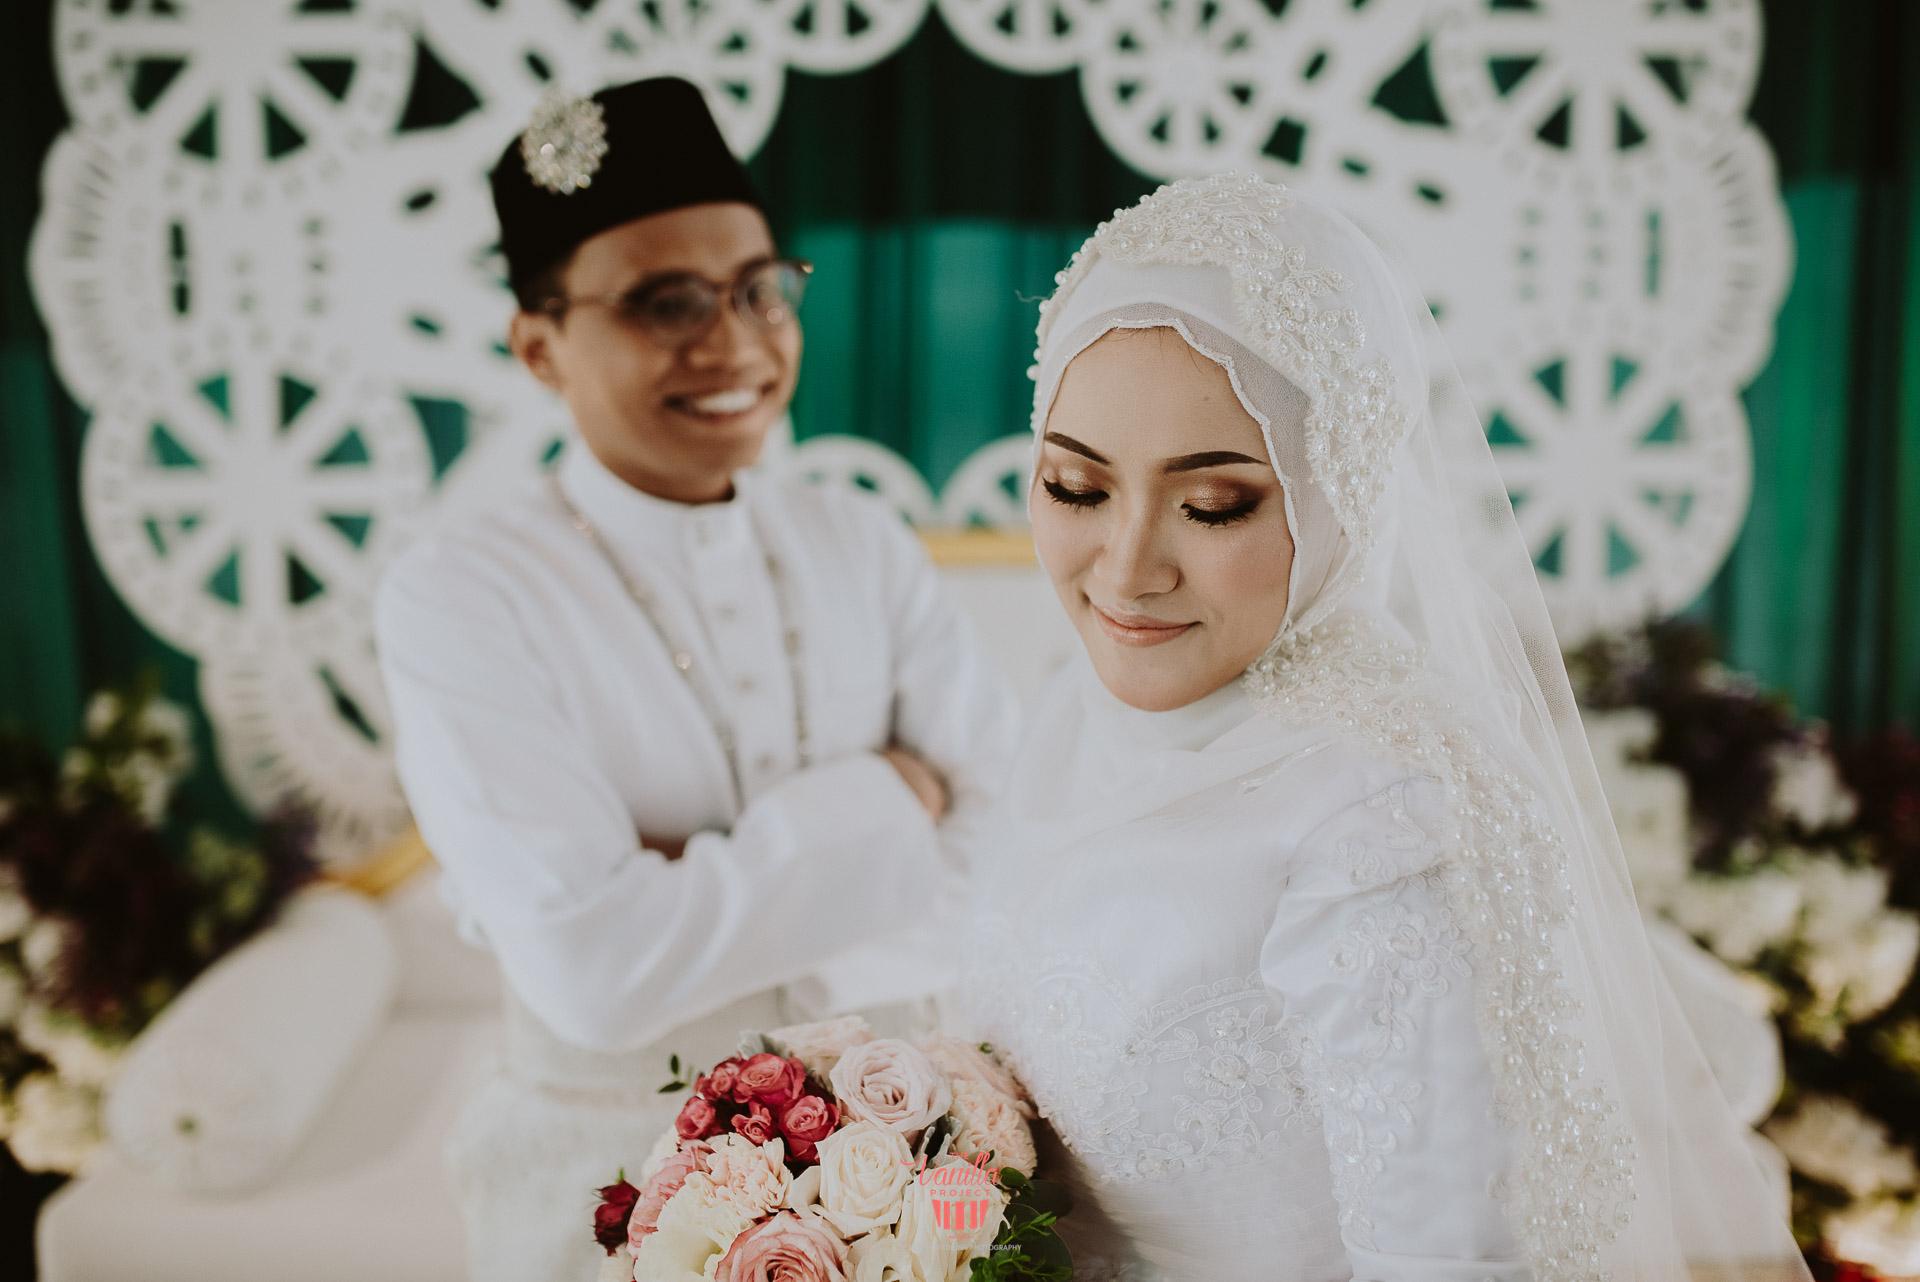 Alif & Syafiqah-167.jpg